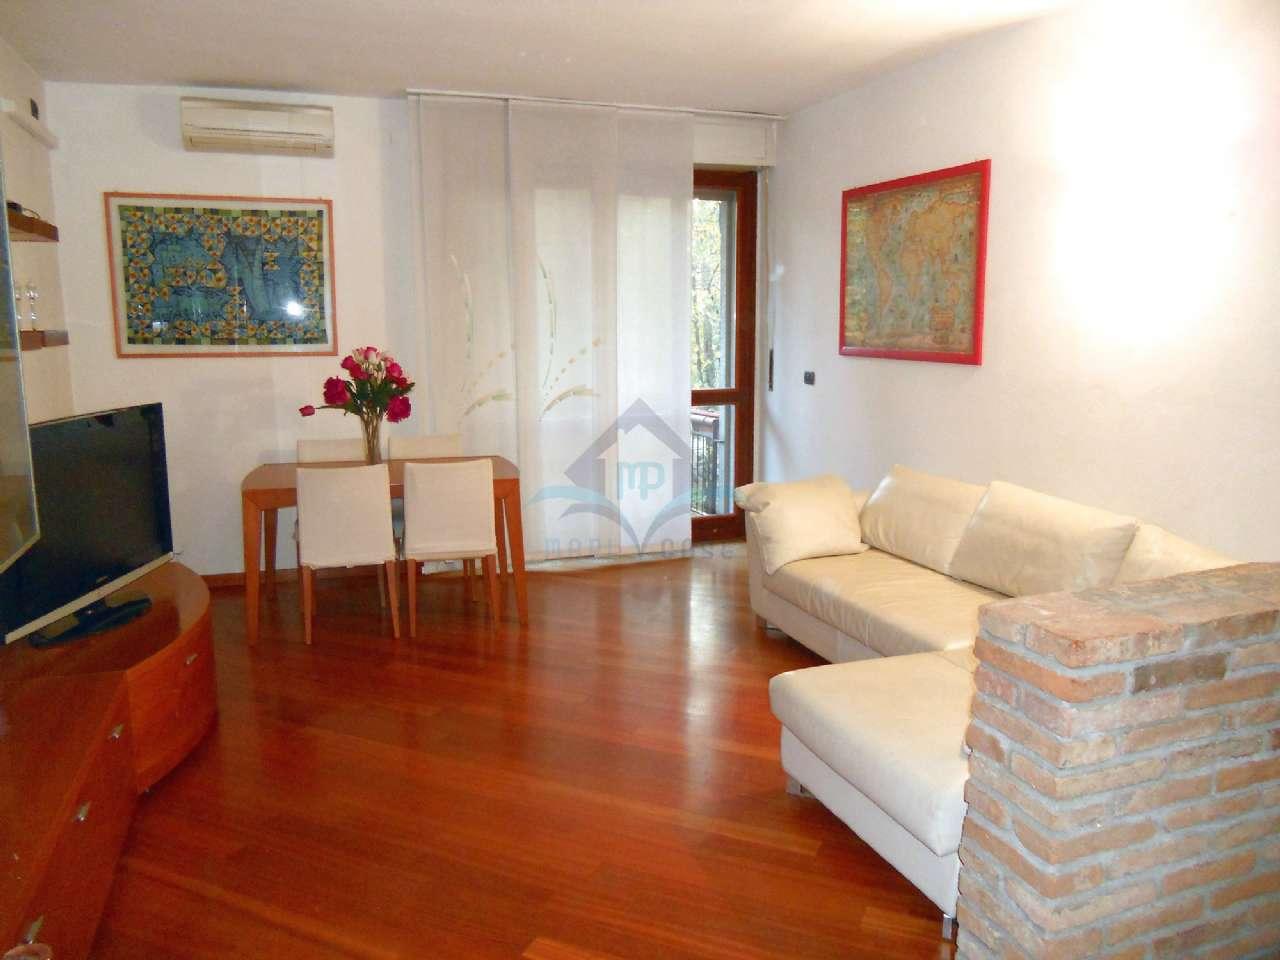 Appartamento in affitto a San Donato Milanese, 3 locali, prezzo € 980 | CambioCasa.it